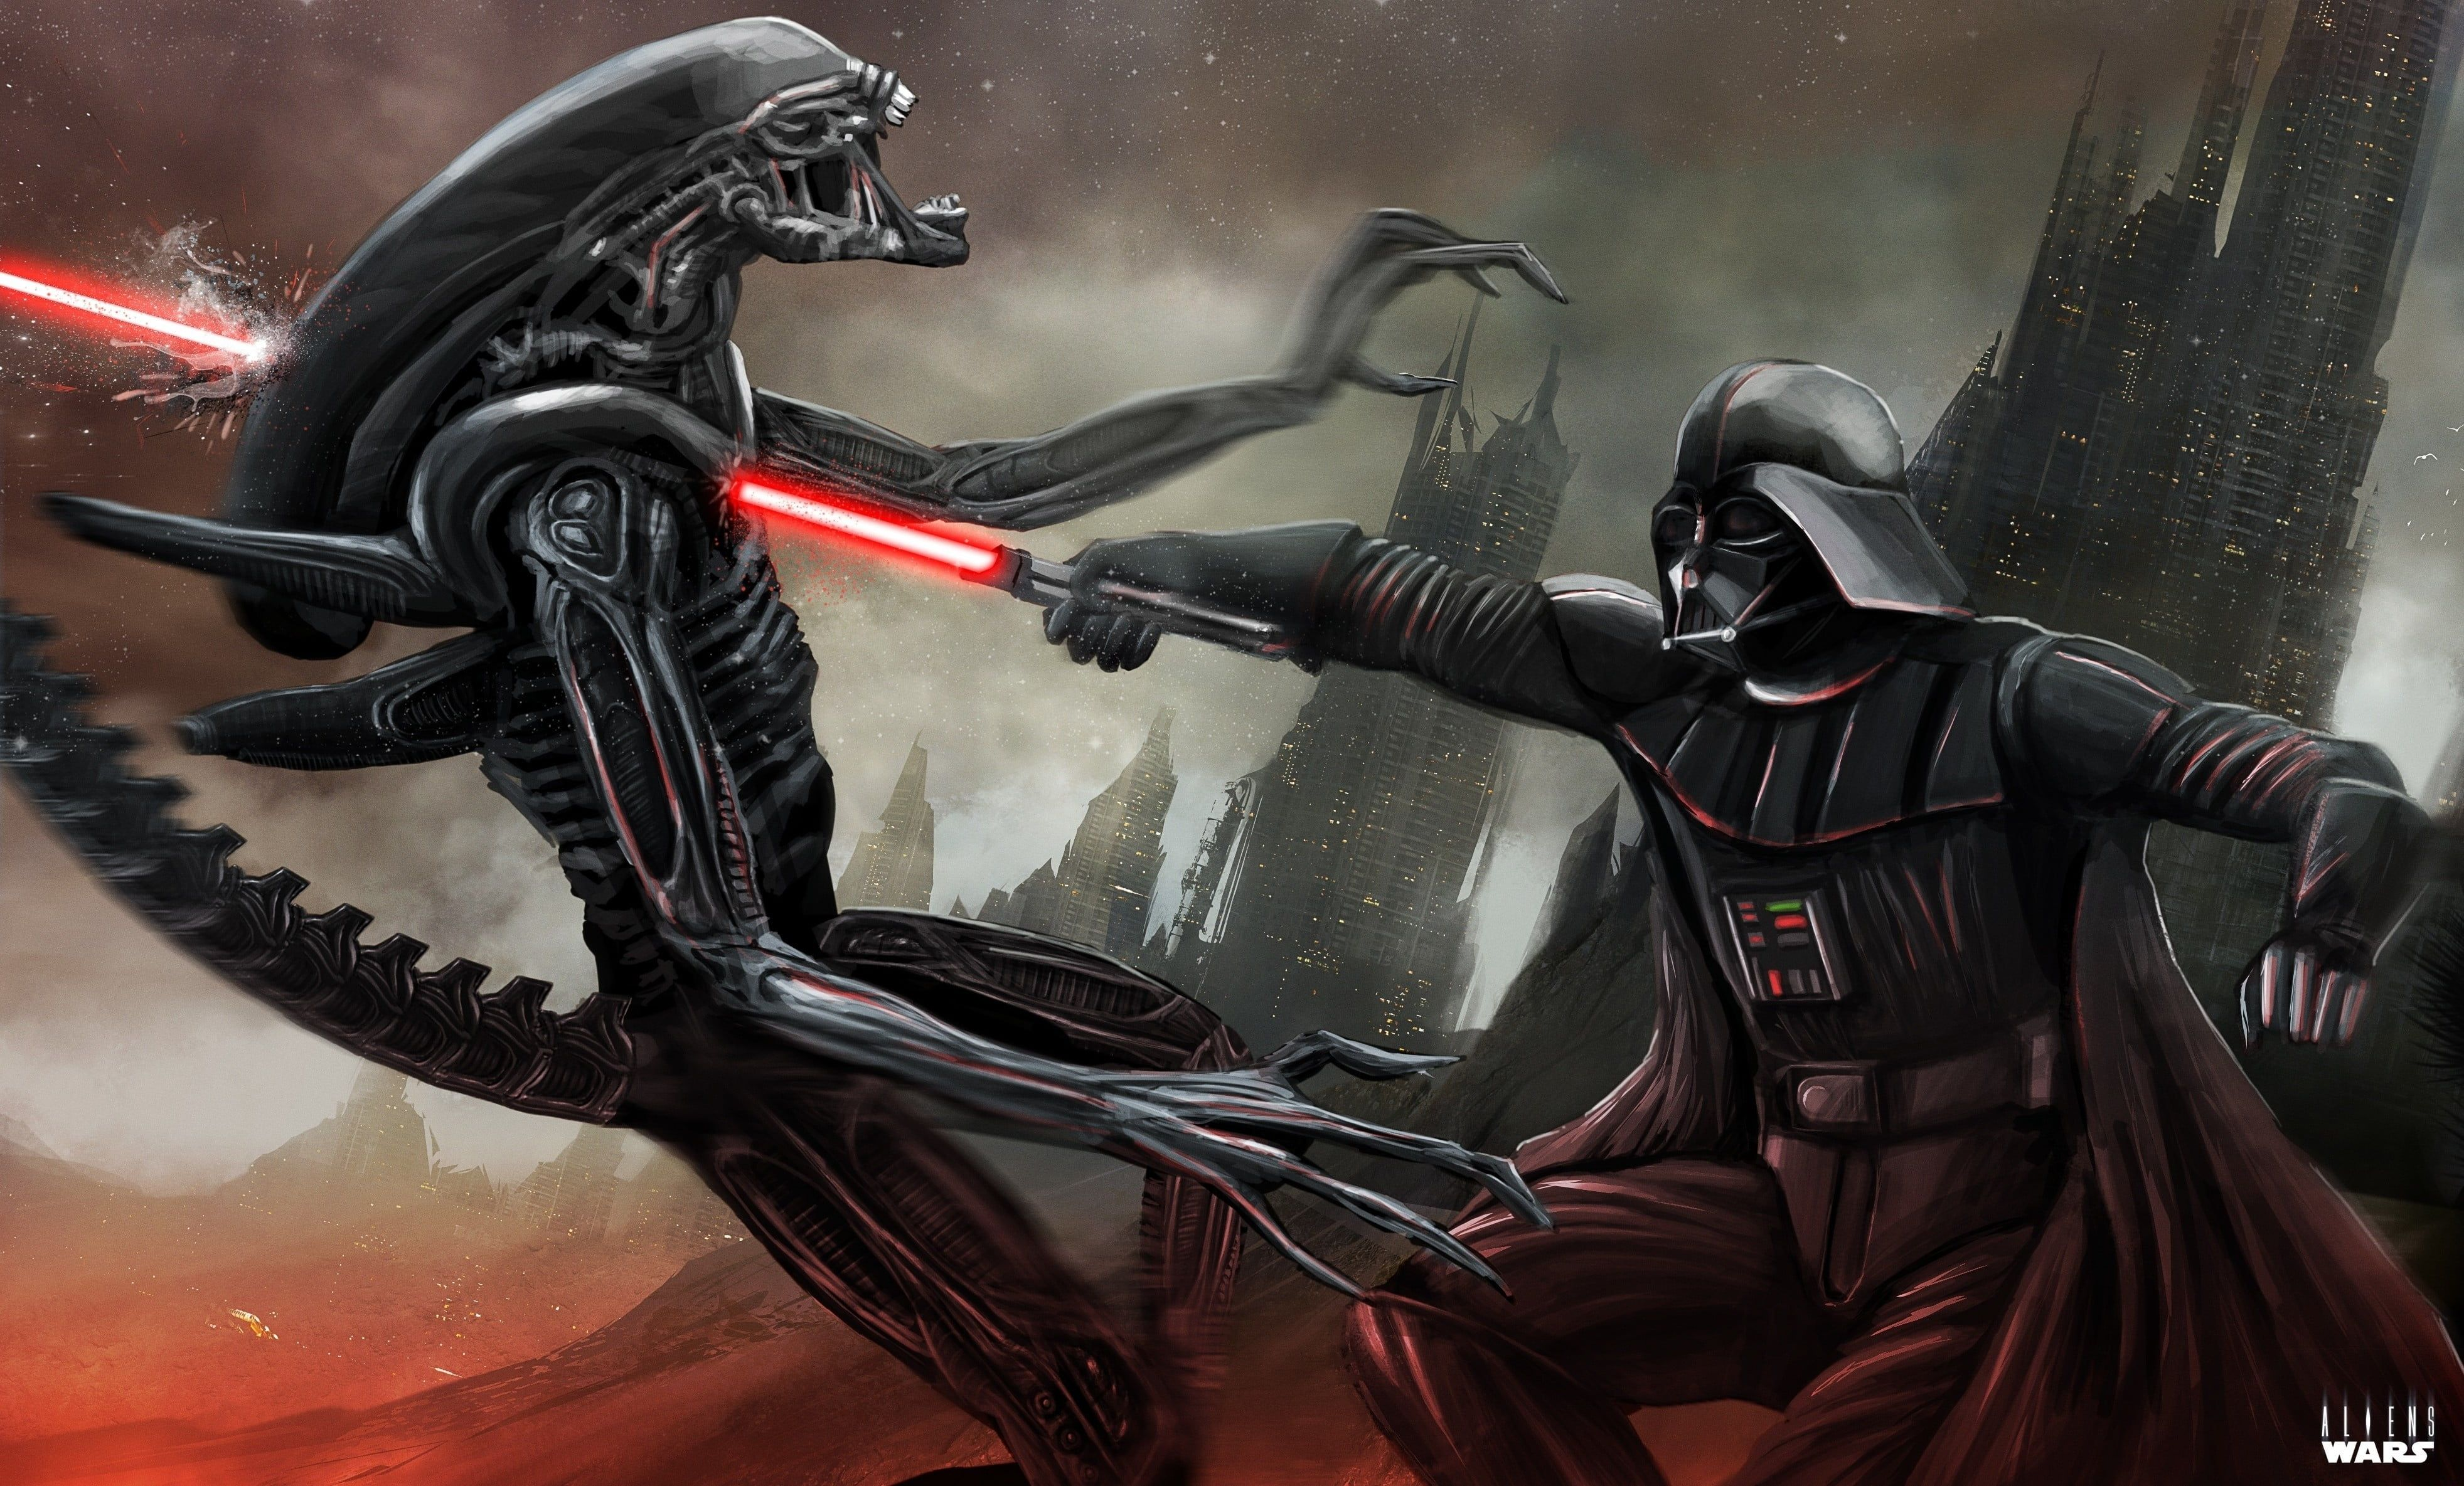 Darth Vader Star Wars Vs Aliens Fantasy Sci Fi 4k Wallpapers Wallpaper Cave